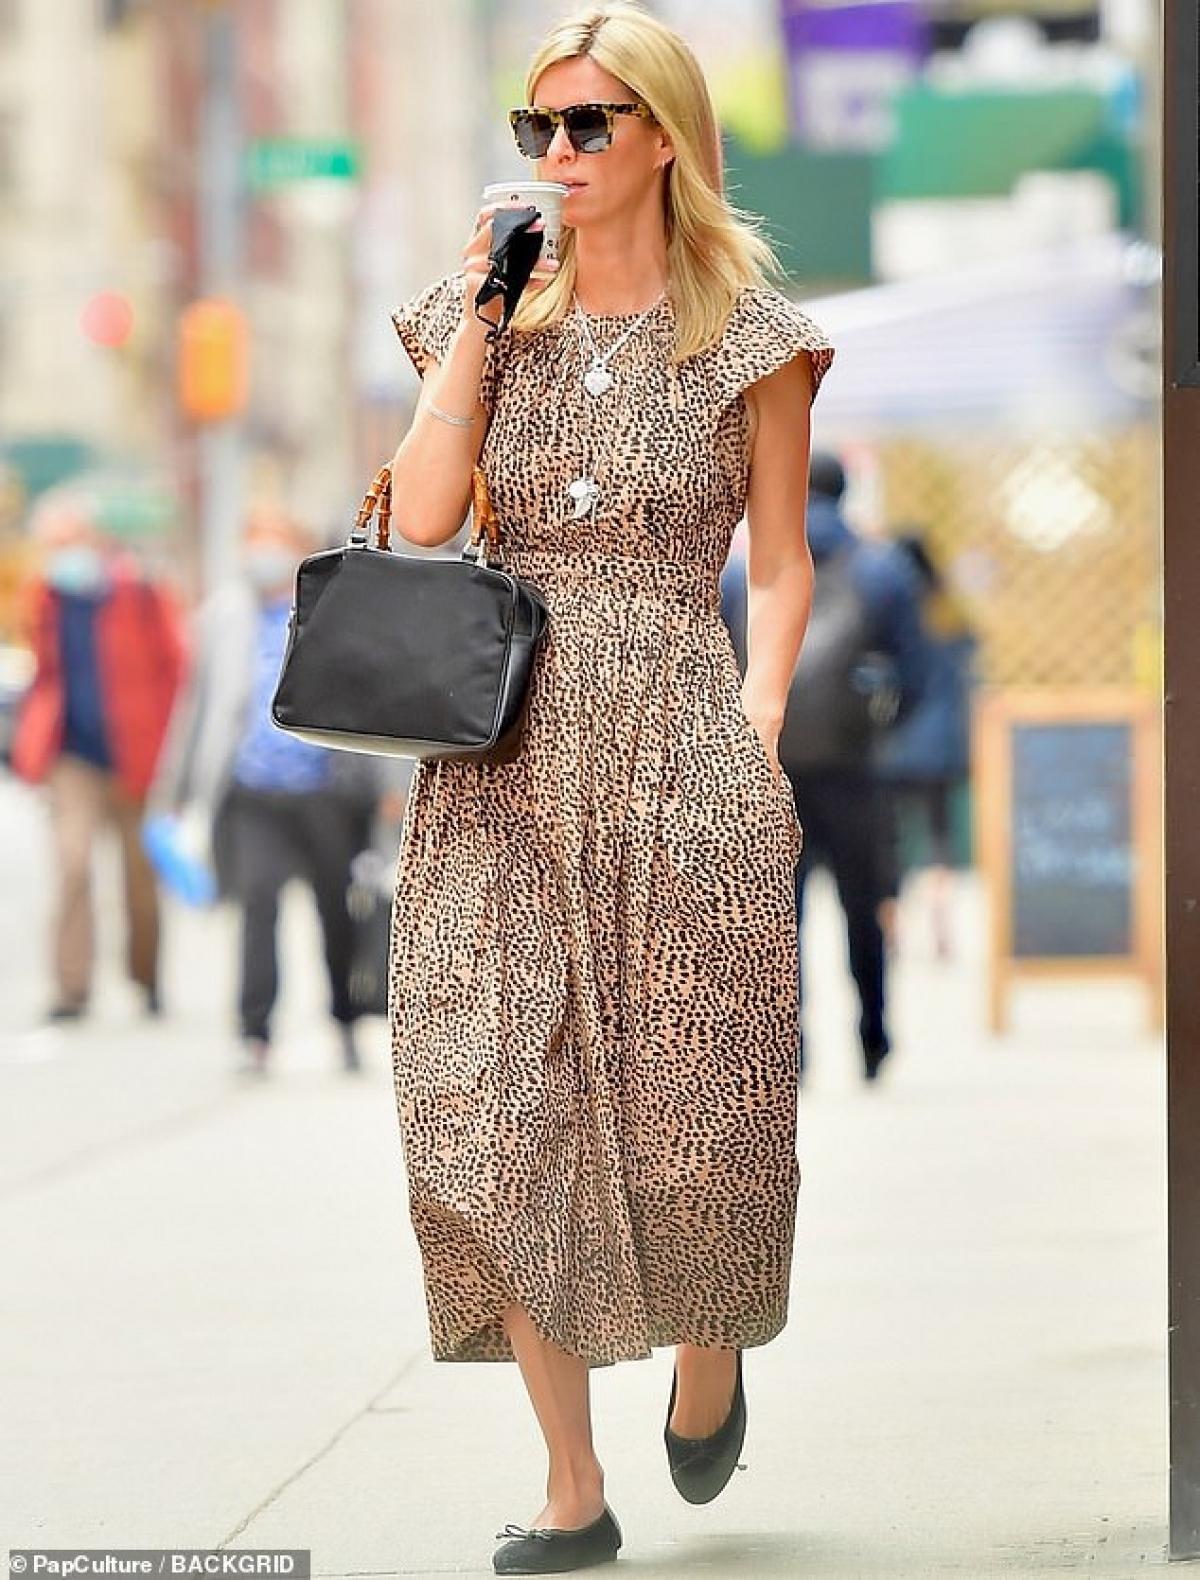 Em gái Paris Hilton mặc đầm họa tiết điệu đà và xách túi hiệu ra phố.